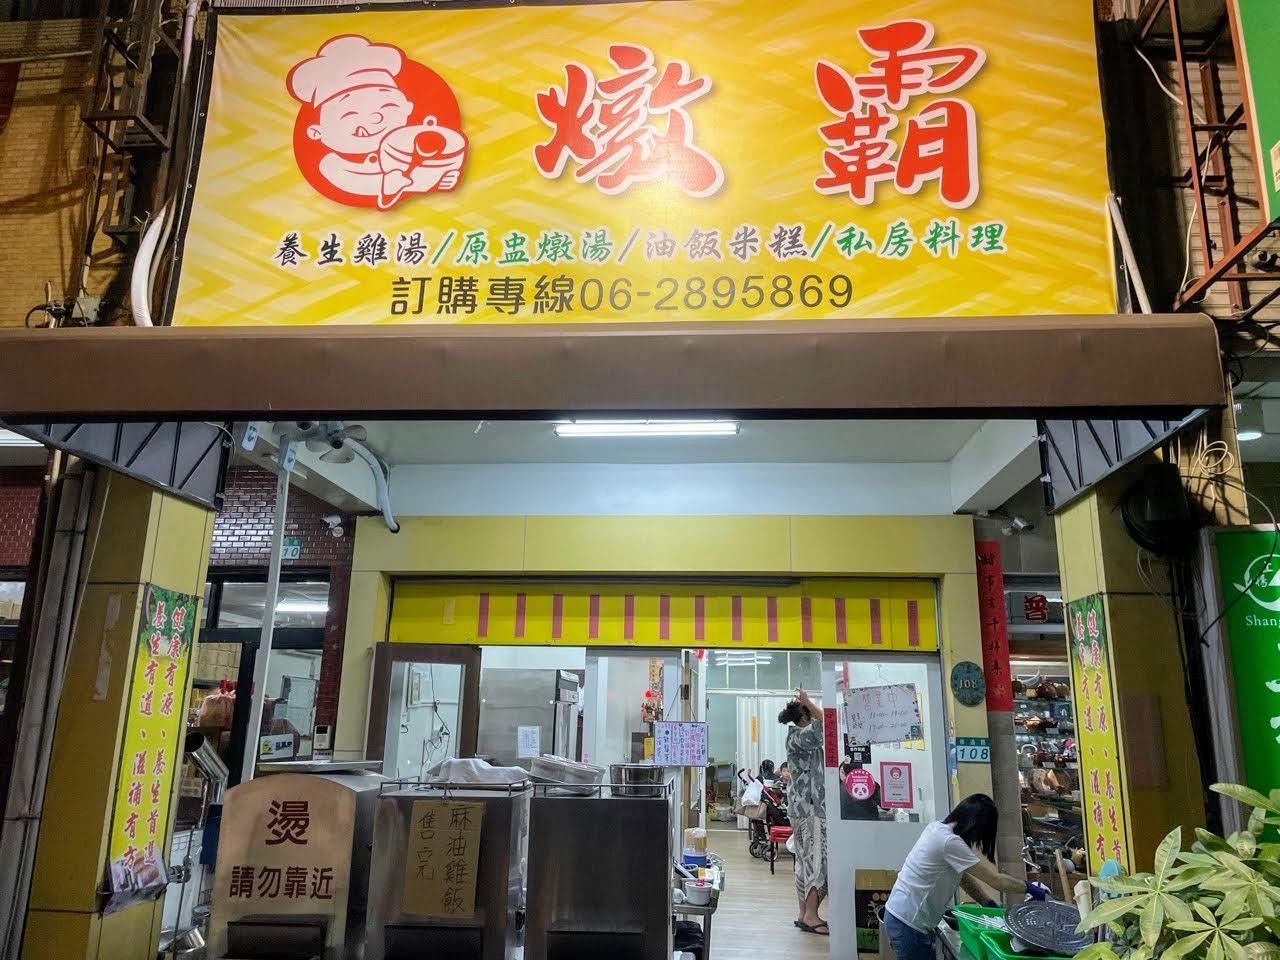 燉霸 原盅燉湯 / 平價好吃的暖心燉品 / 台南燉品推薦 /台南東區